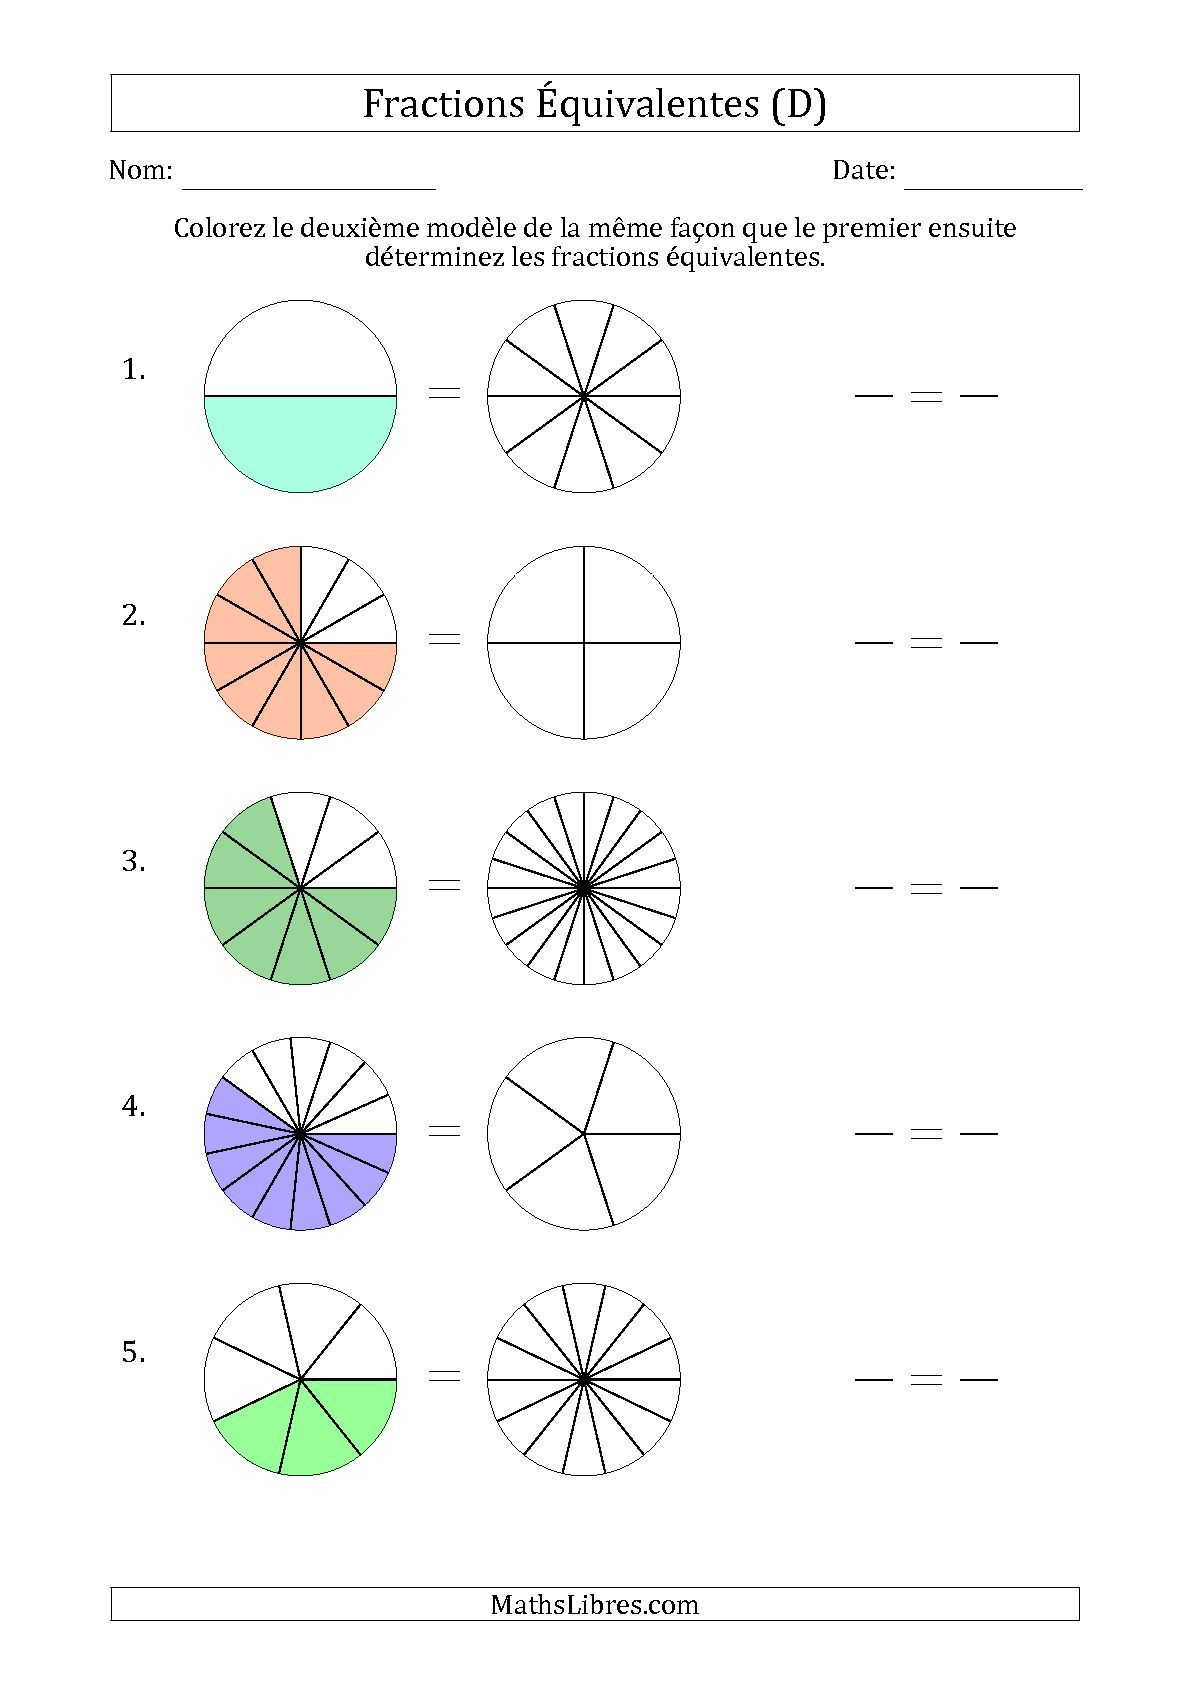 La Fiche D Exercices De Maths Fractions Equivalentes A L